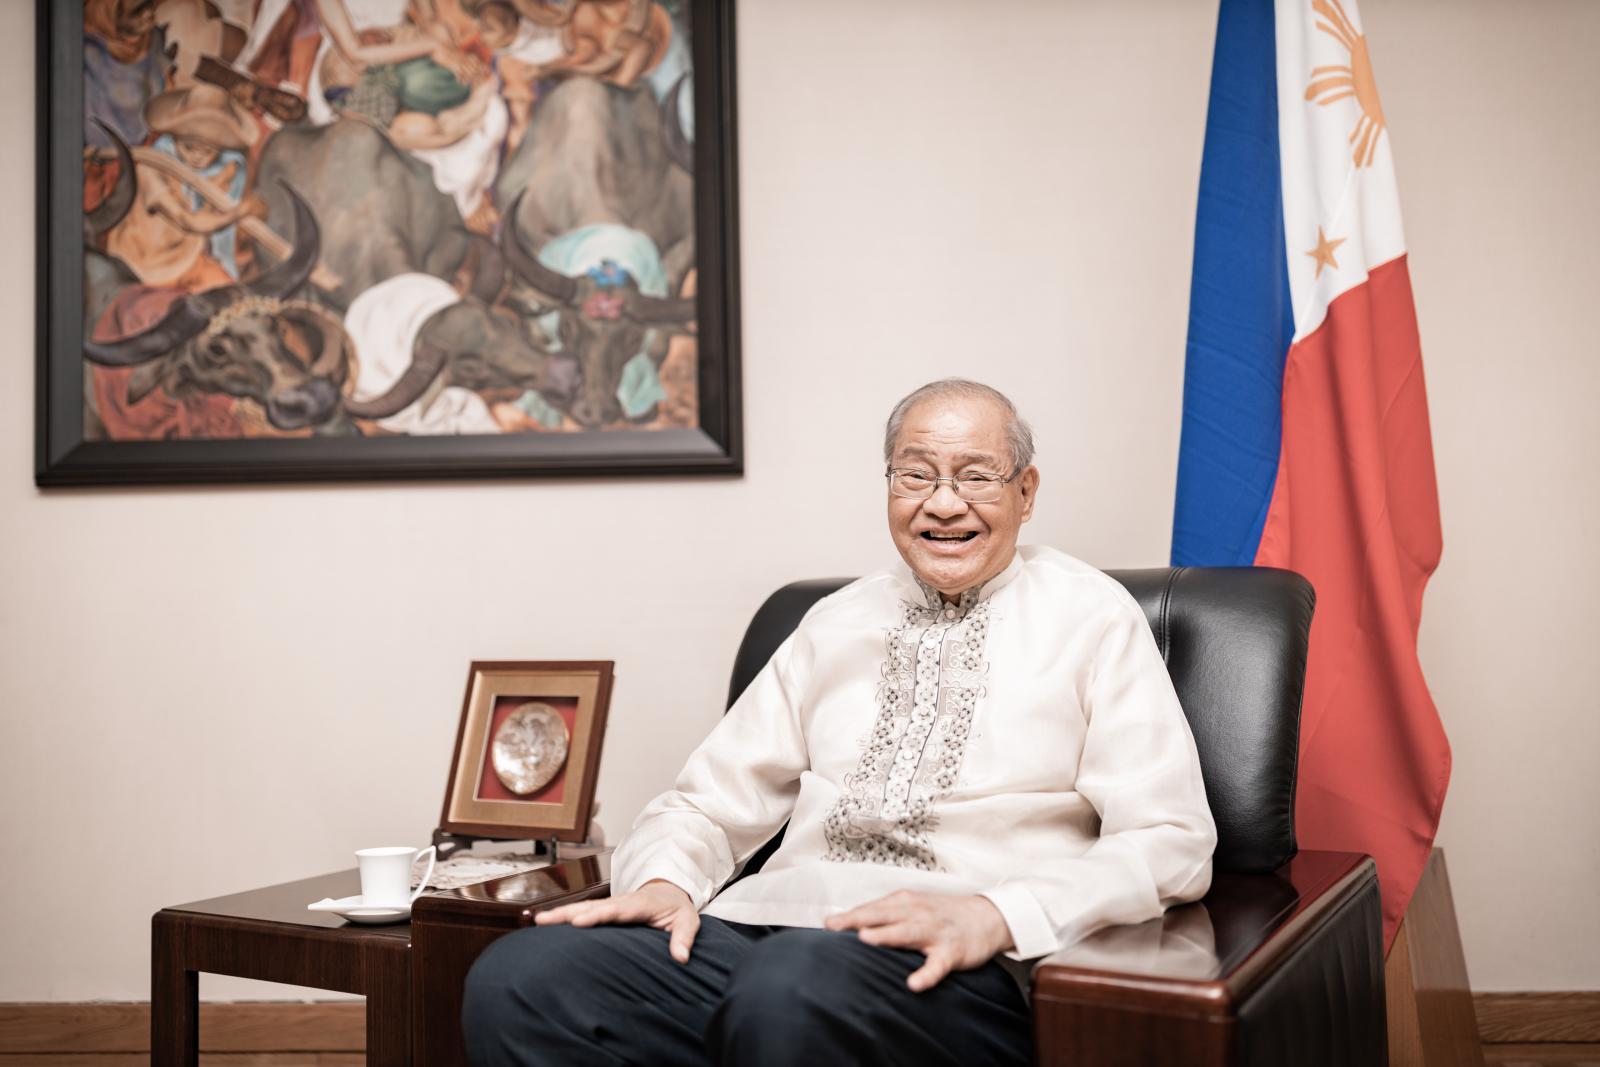 菲律宾共和国驻华大使何塞·圣地亚哥·罗马纳阁下(摄影 陈宇)